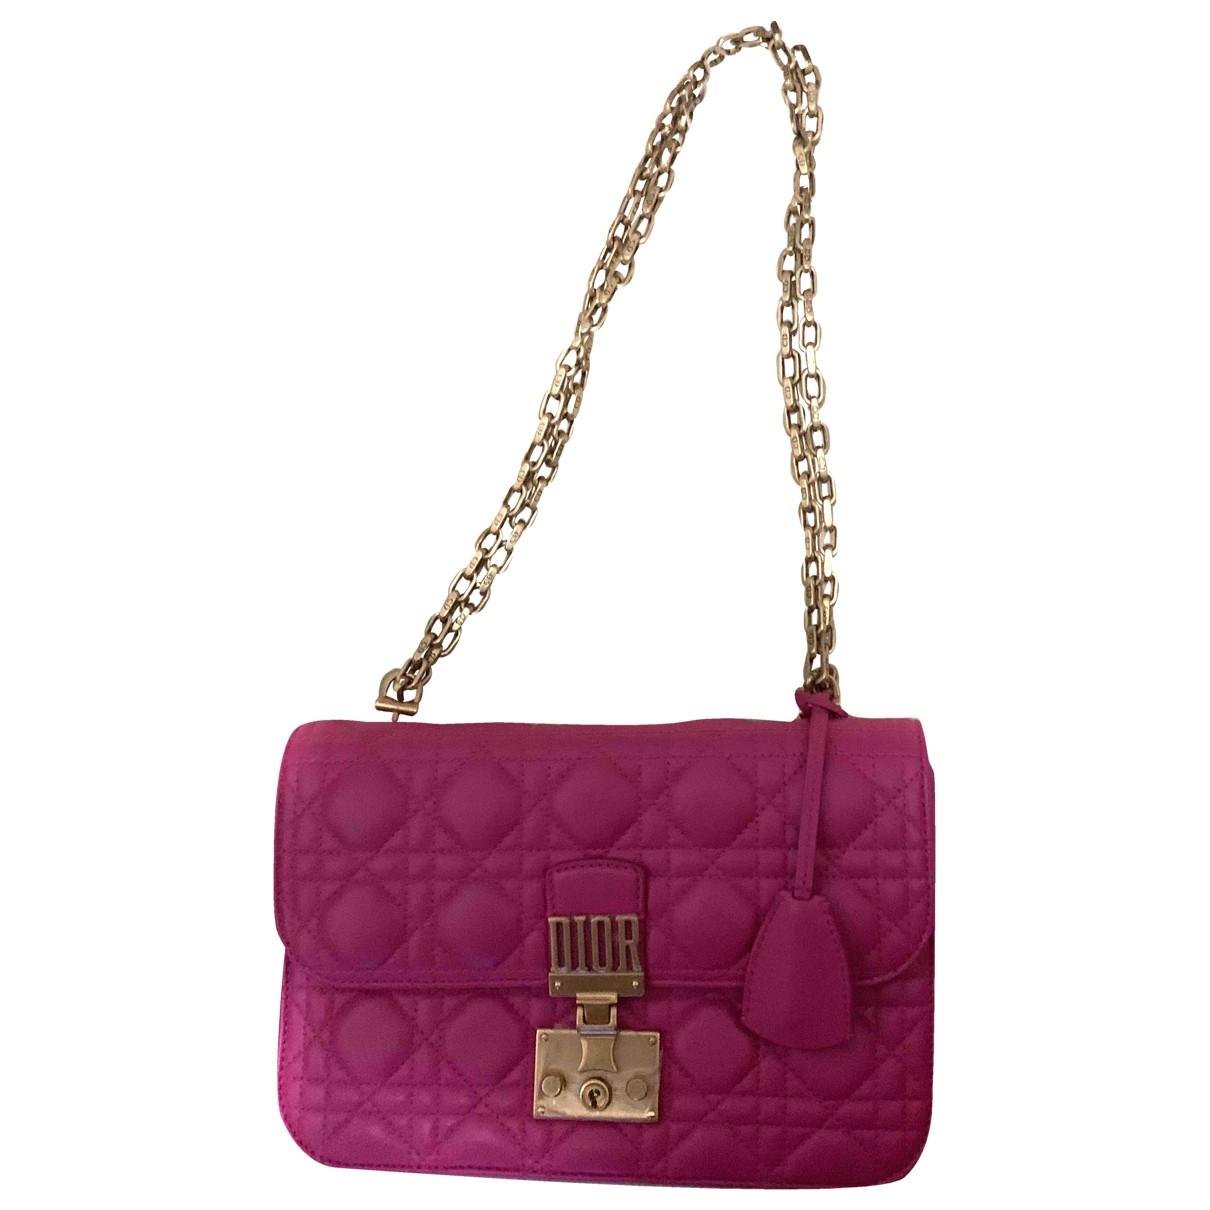 Dior - Sac a main DiorAddict pour femme en cuir - rose